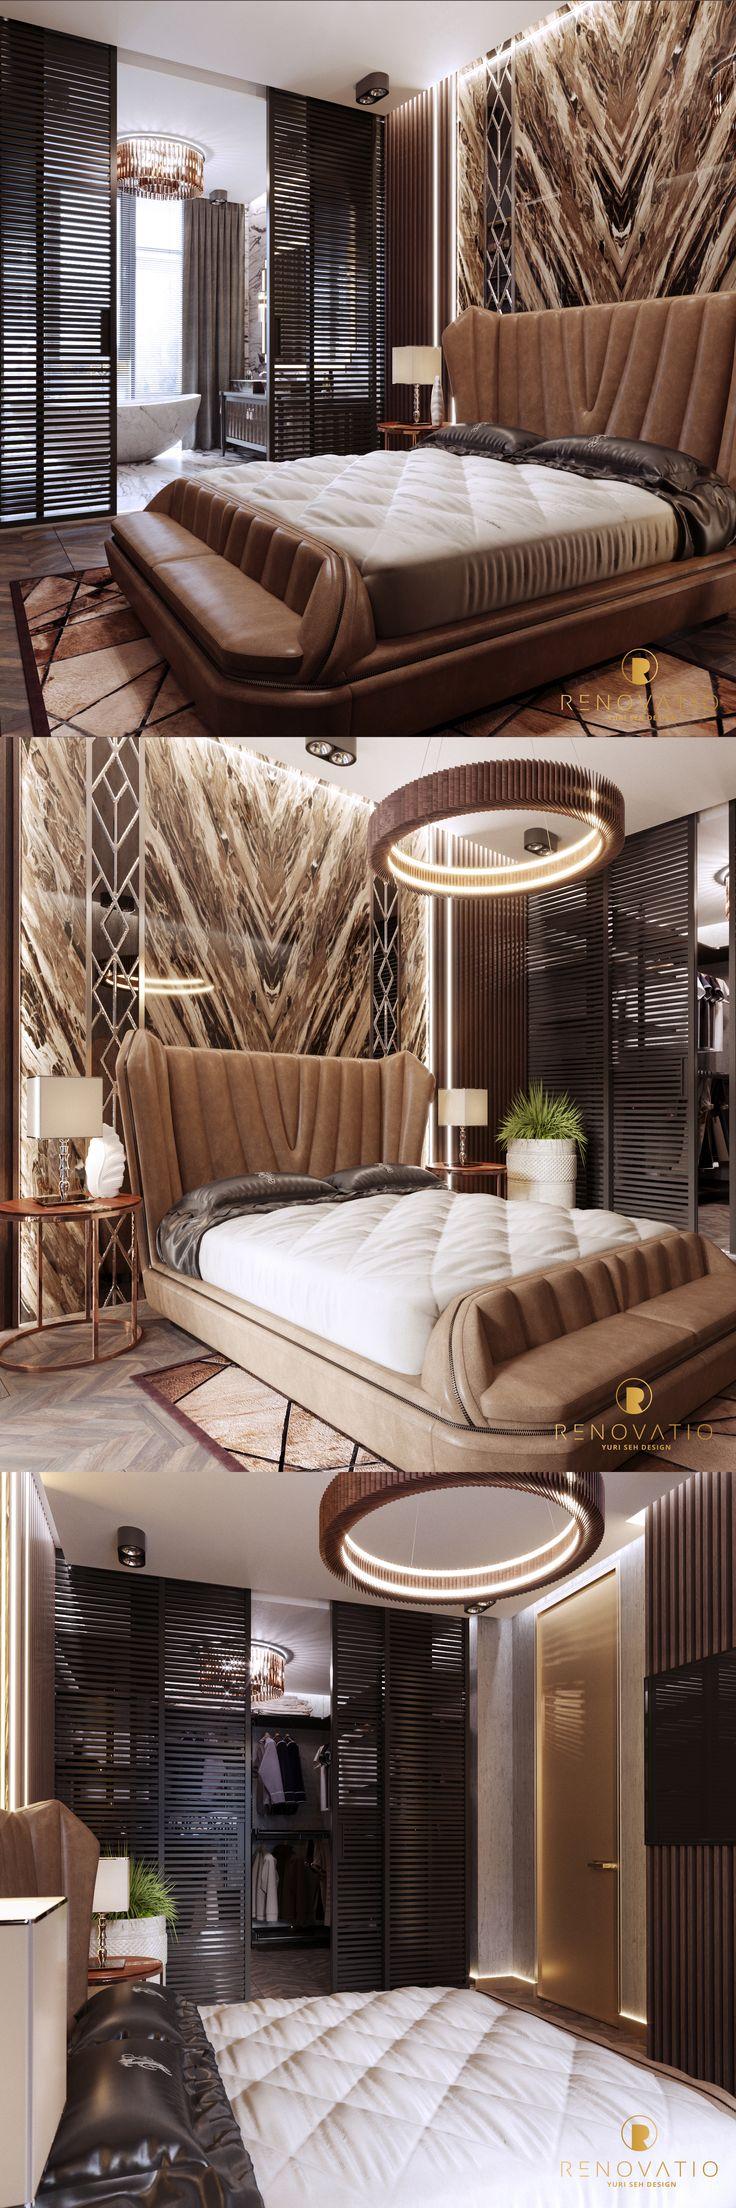 """Спальня """"RENOVATIO"""" - Галерея 3ddd.ru"""